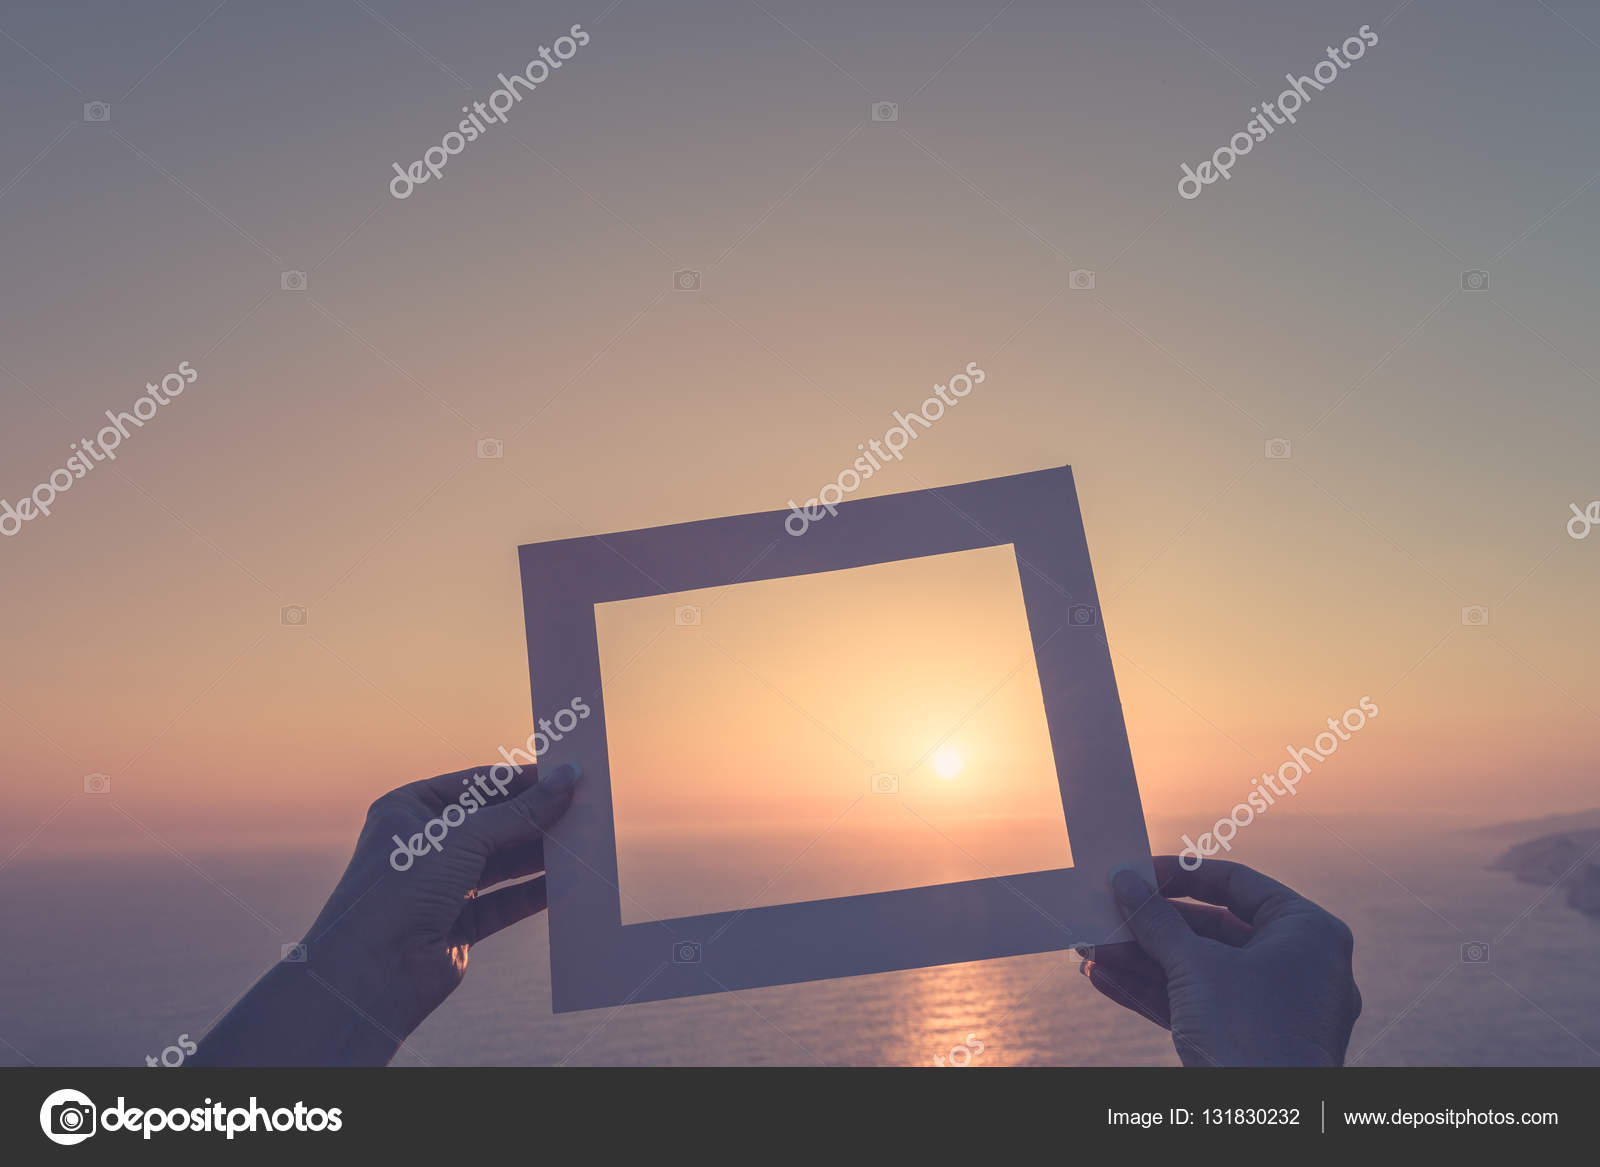 Inspirierende Fotorahmen auf unscharfen Strand Hintergrund. Sommer ...